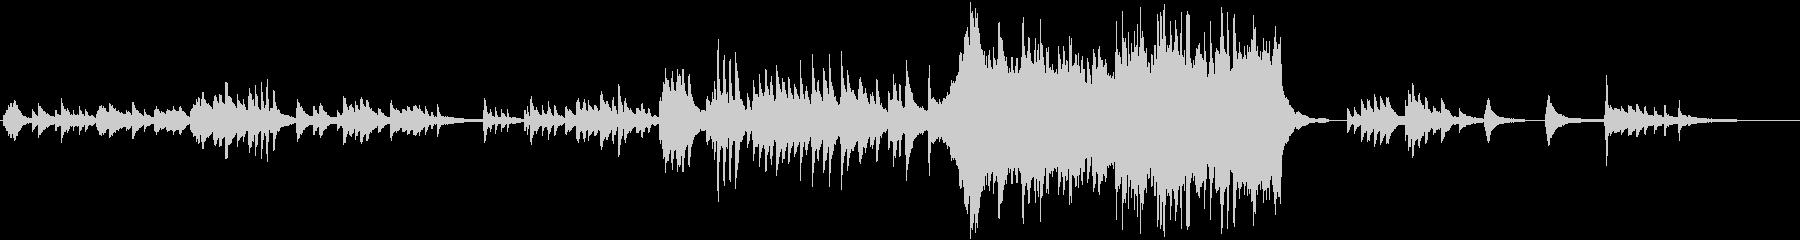 感動的なピアノバラード曲の未再生の波形